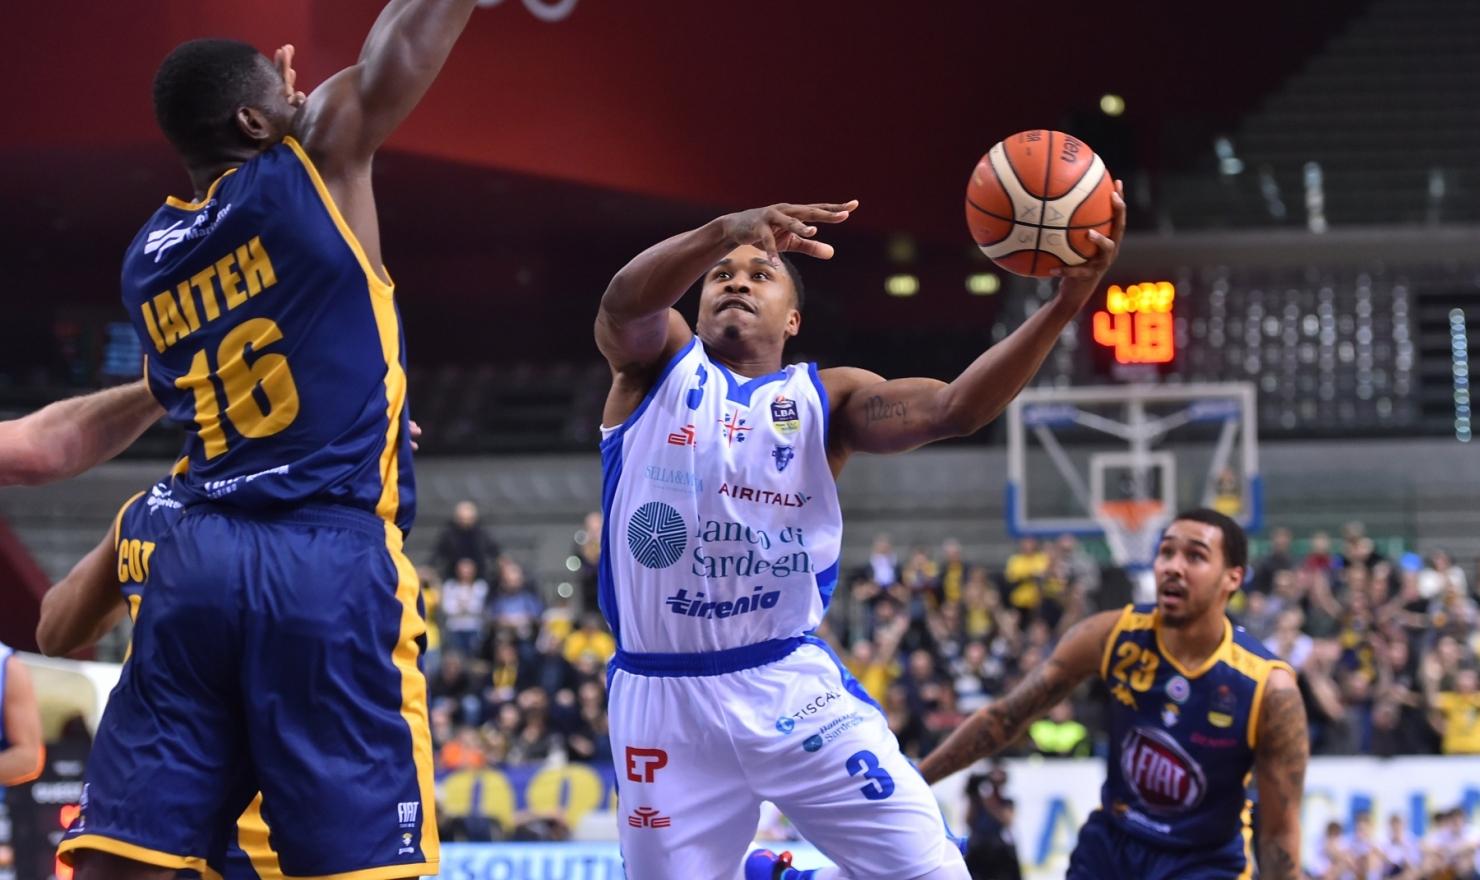 La Dinamo perde a Torino (102 a 83) la terza partita consecutiva in campionato.